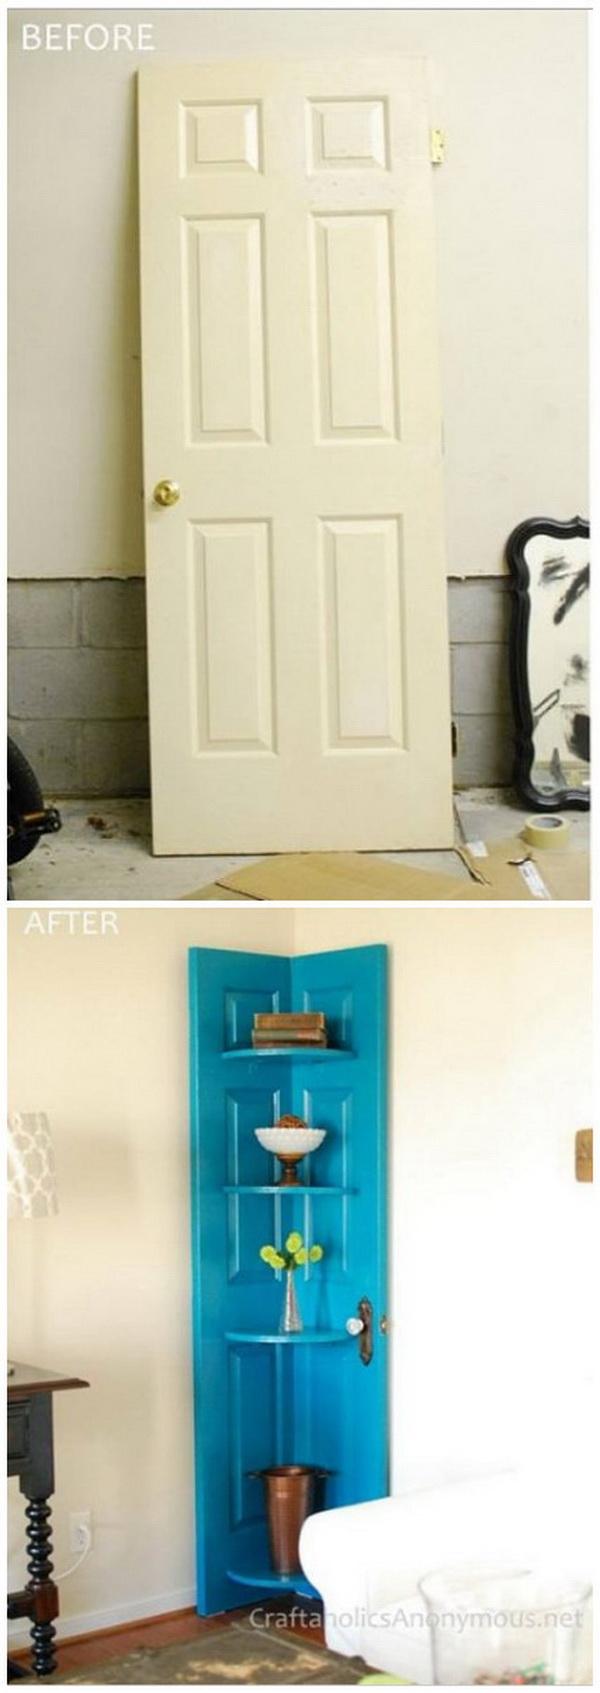 Funiture Makeovers: DIY Door Shelf Tutorial.